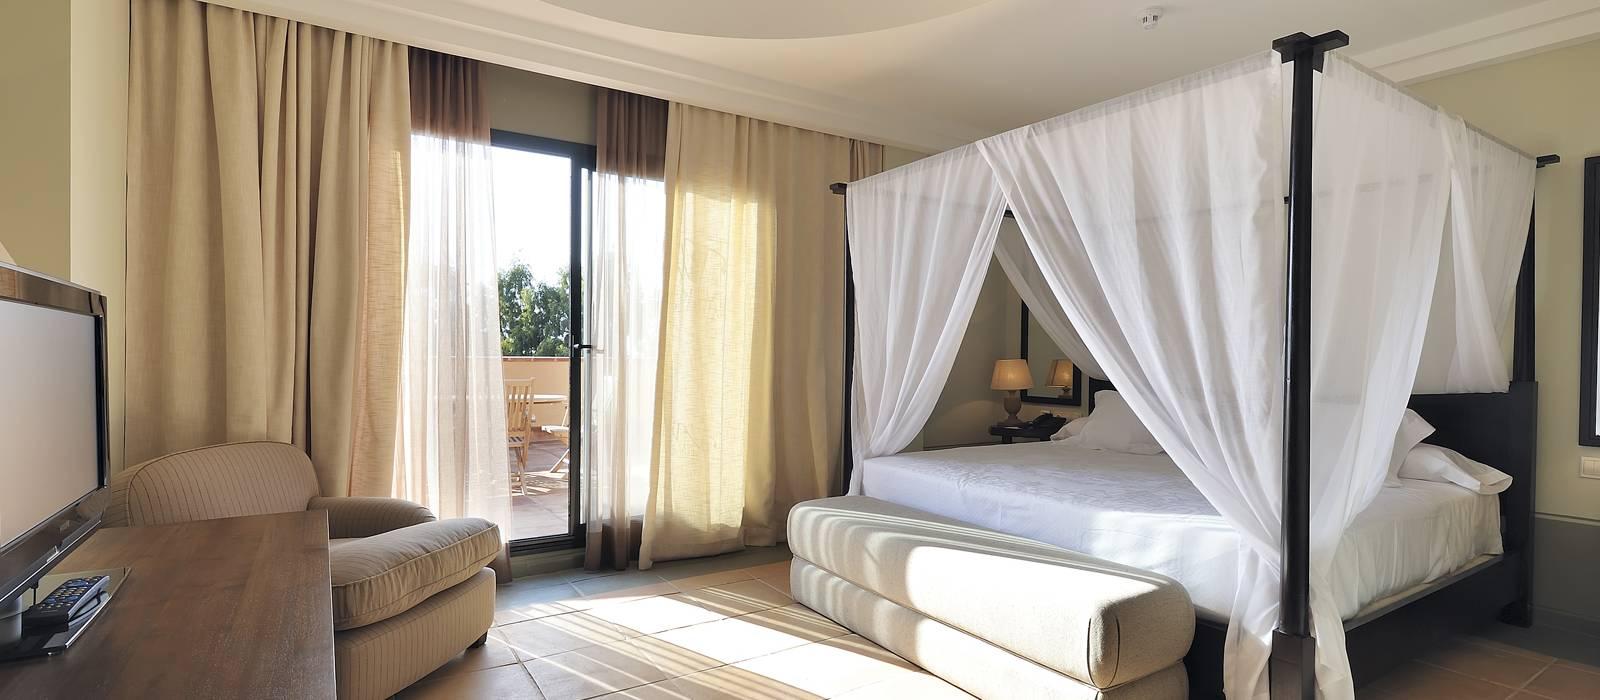 Rooms Hotel Estrella de Mar - Vincci Hotels - Suite Duplex